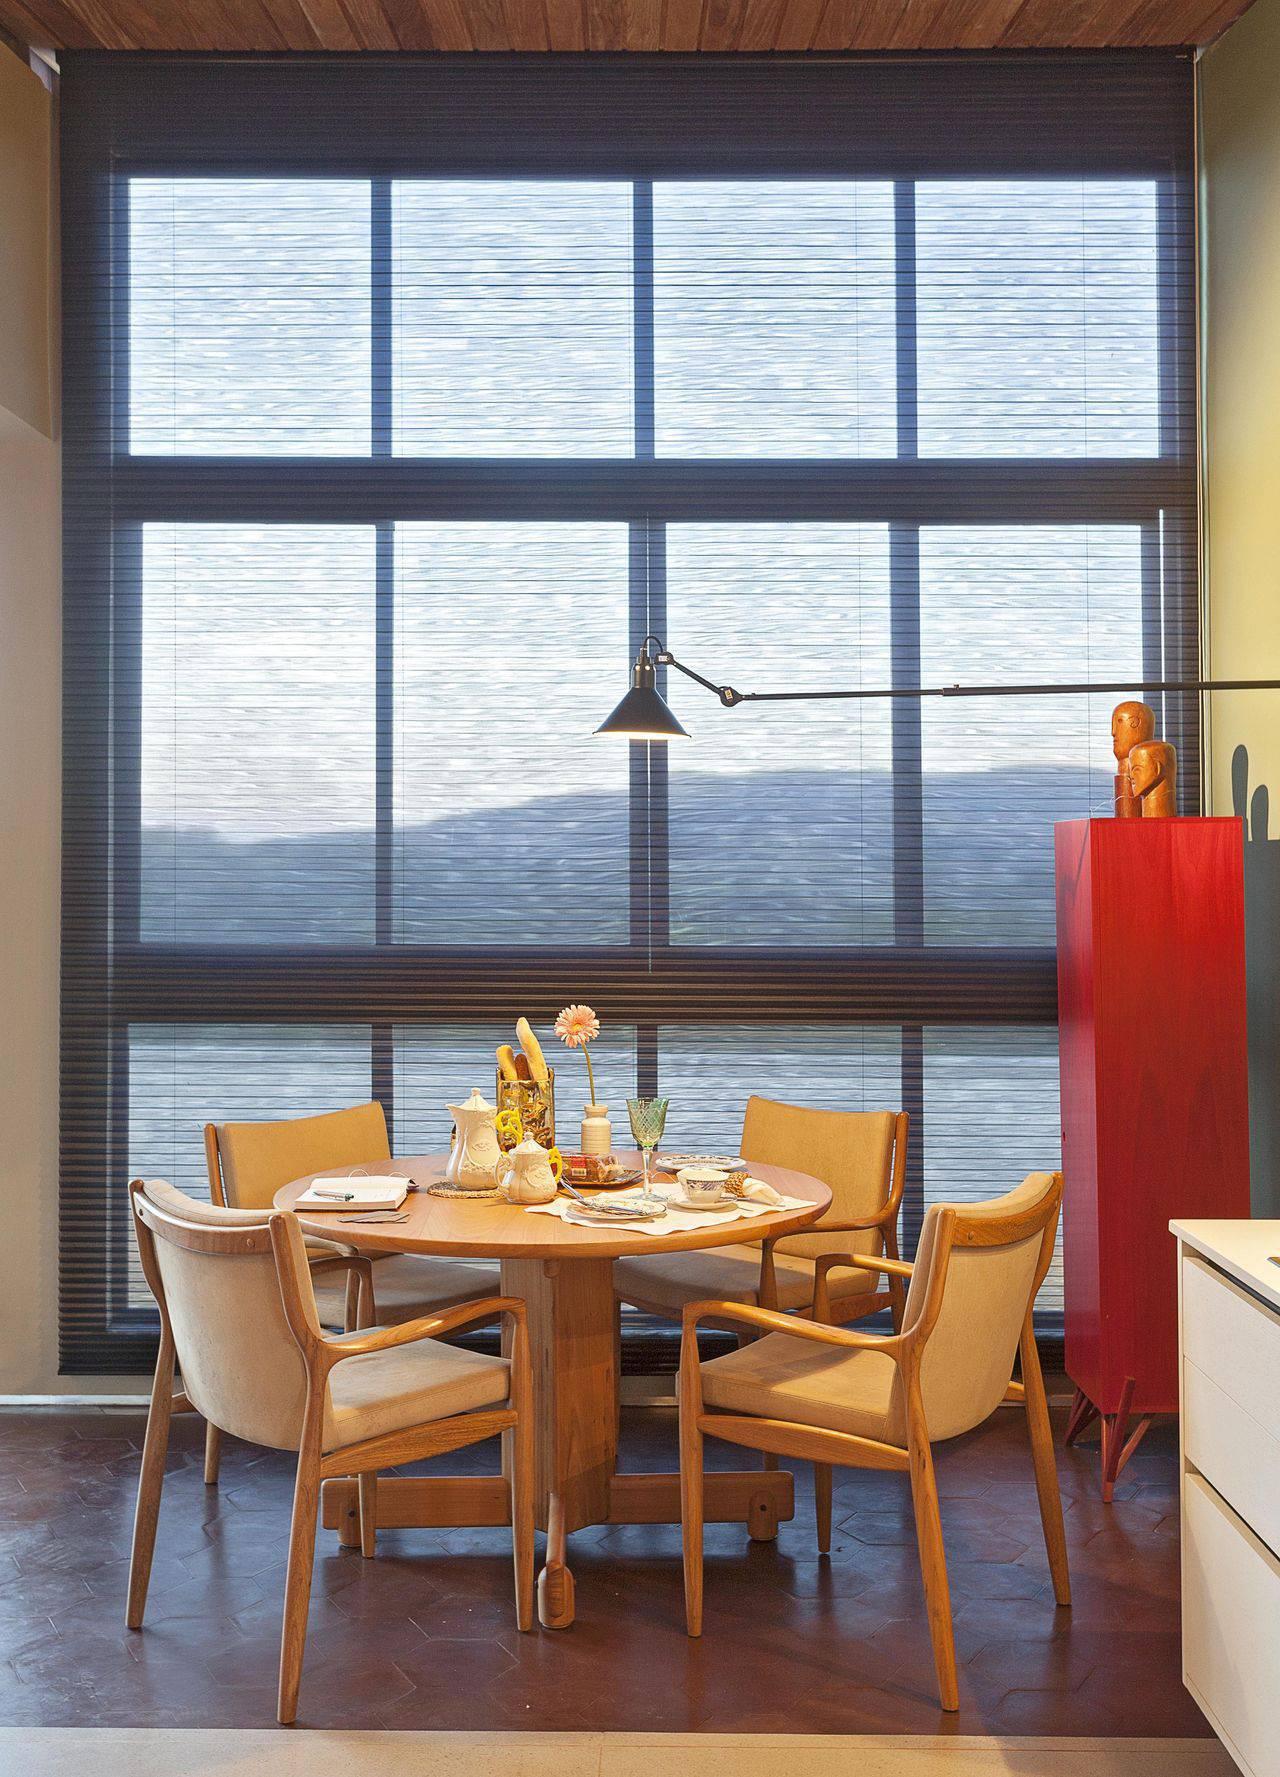 mesa de jantar isabela bethonico 42440